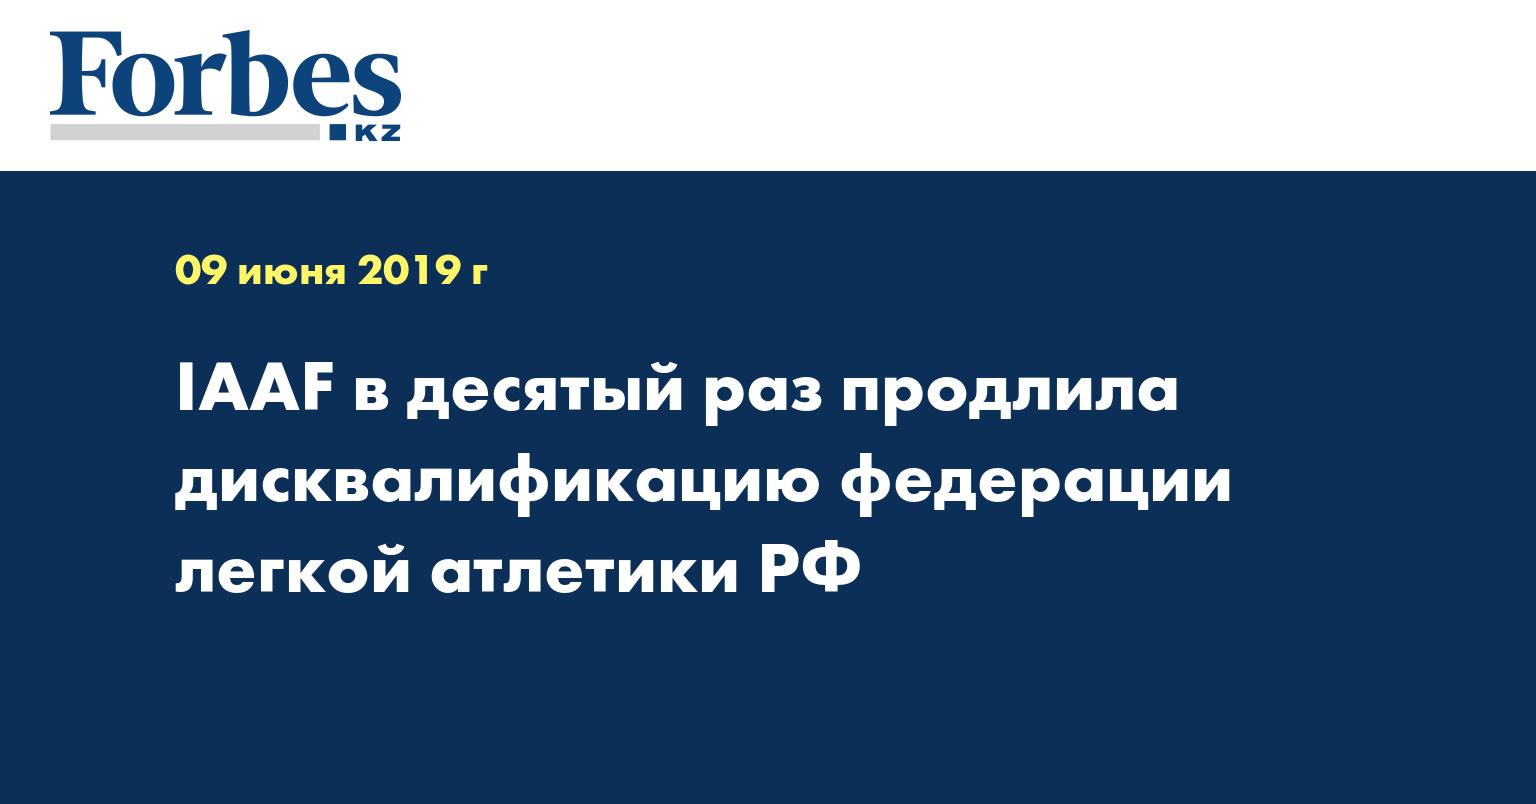 IAAF в десятый раз продлила дисквалификацию федерации легкой атлетики РФ